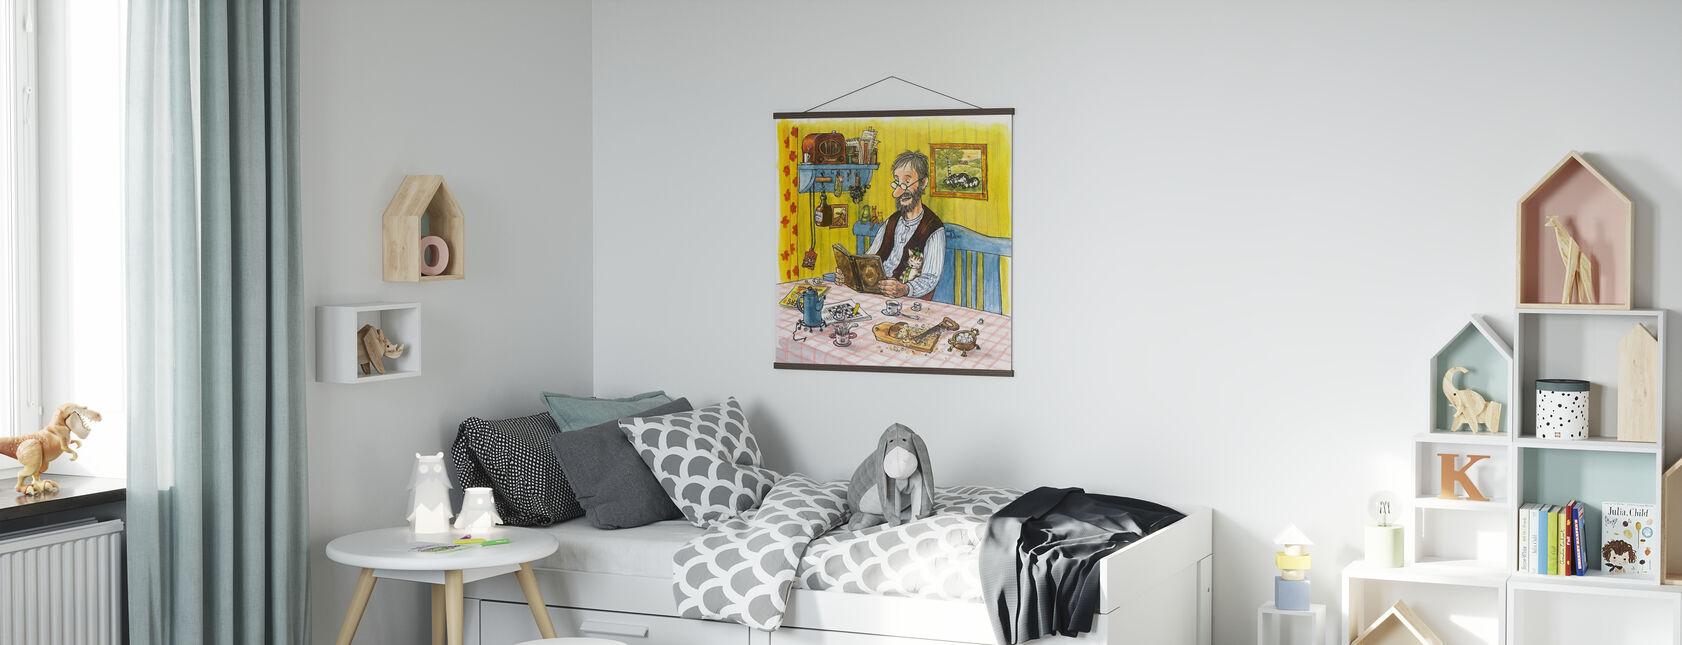 Pettson en Findus - Findus verhuizen - Sprookjesgeluid - Poster - Kinderkamer